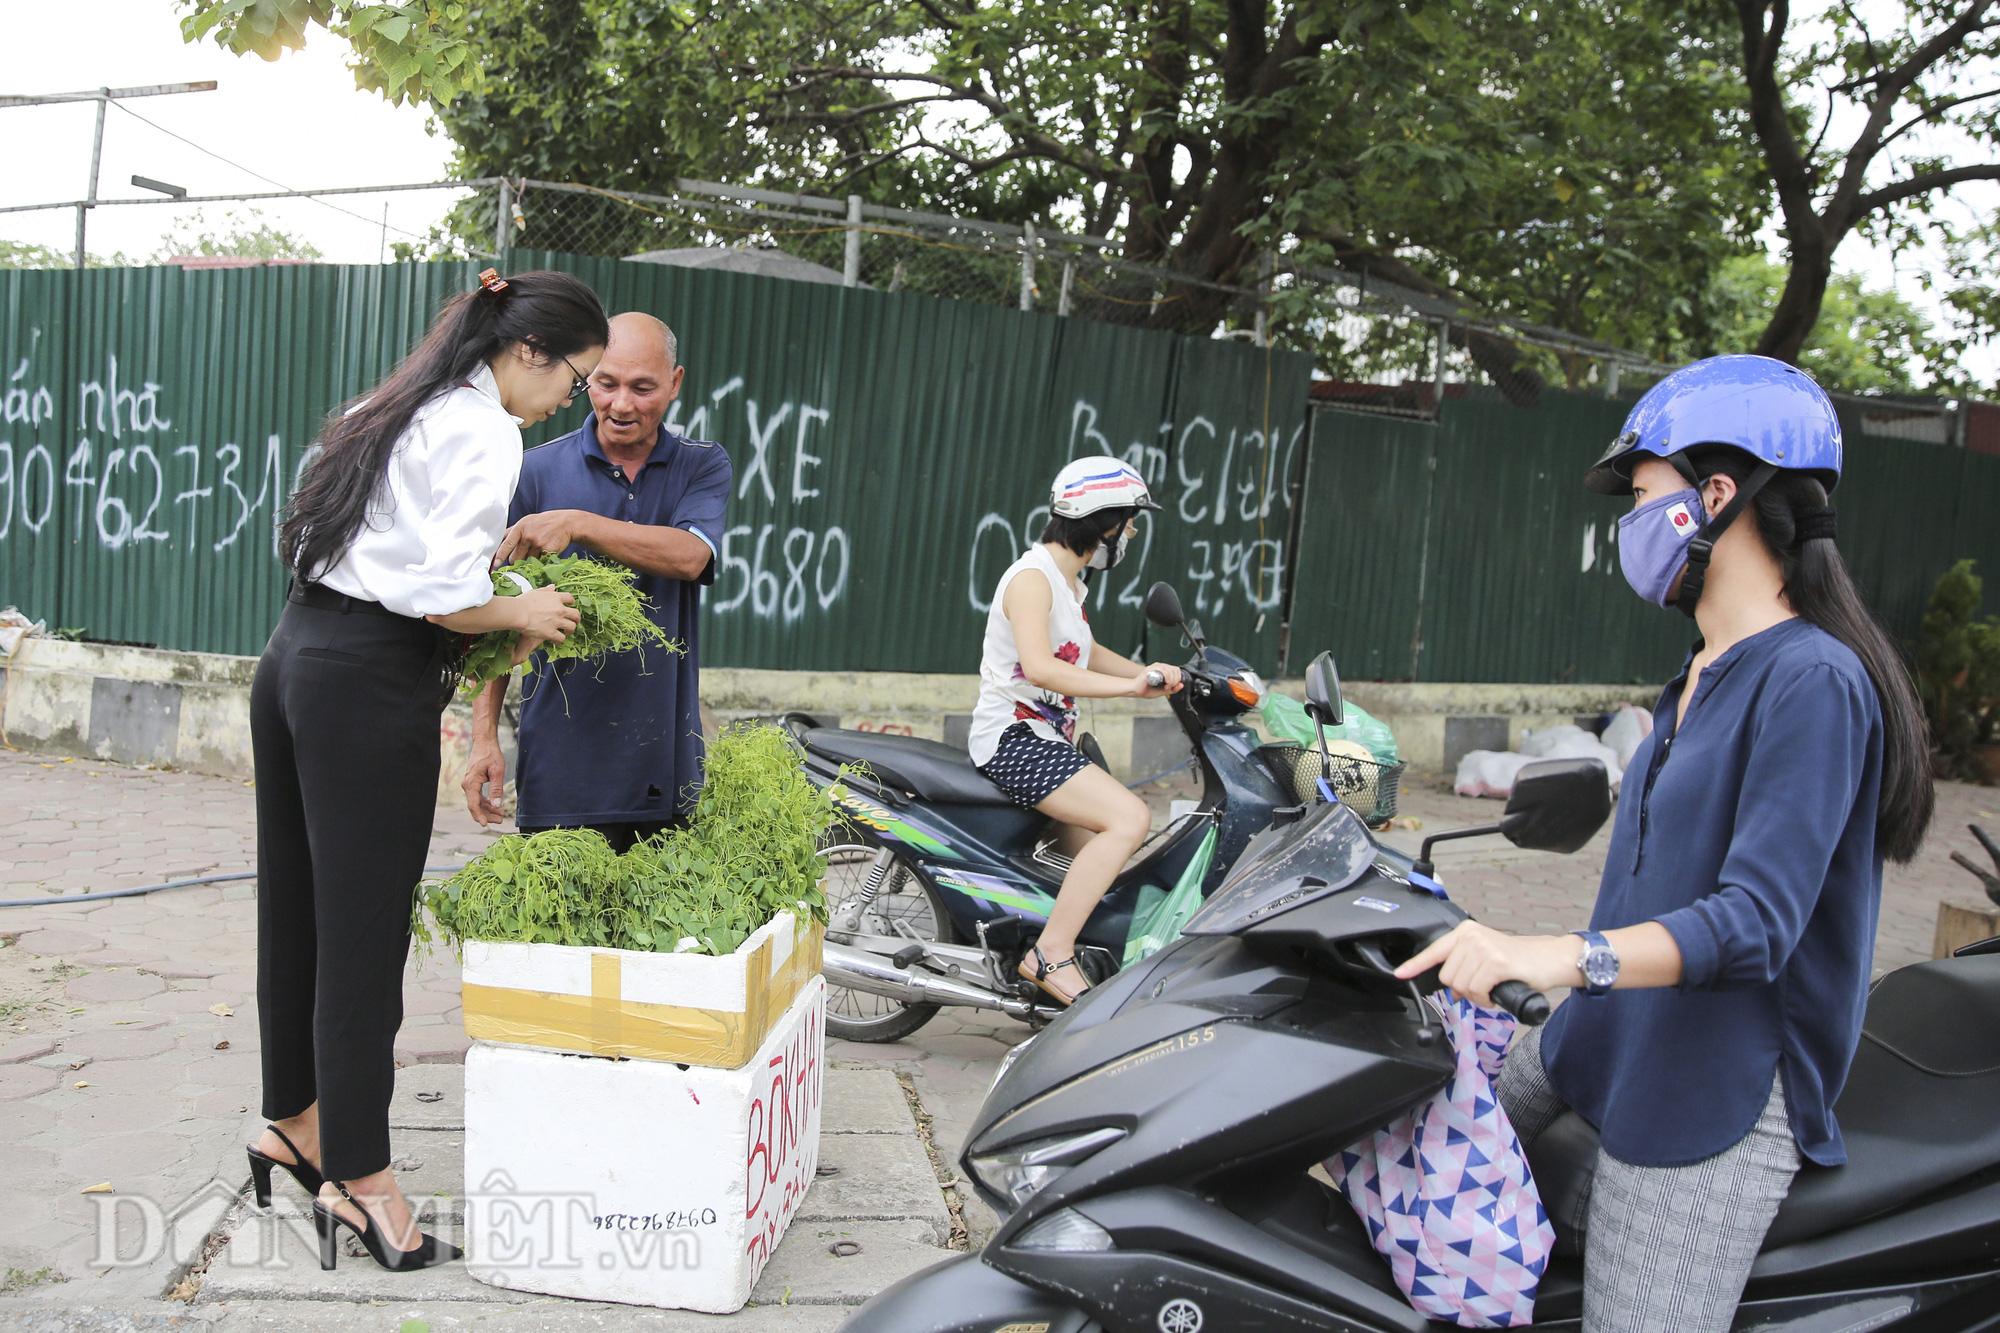 """Đặc sản rau rừng """"bò khai Tây Bắc"""" đổ về Hà Nội, 50.000 đồng/bó vẫn hút khách - Ảnh 2."""